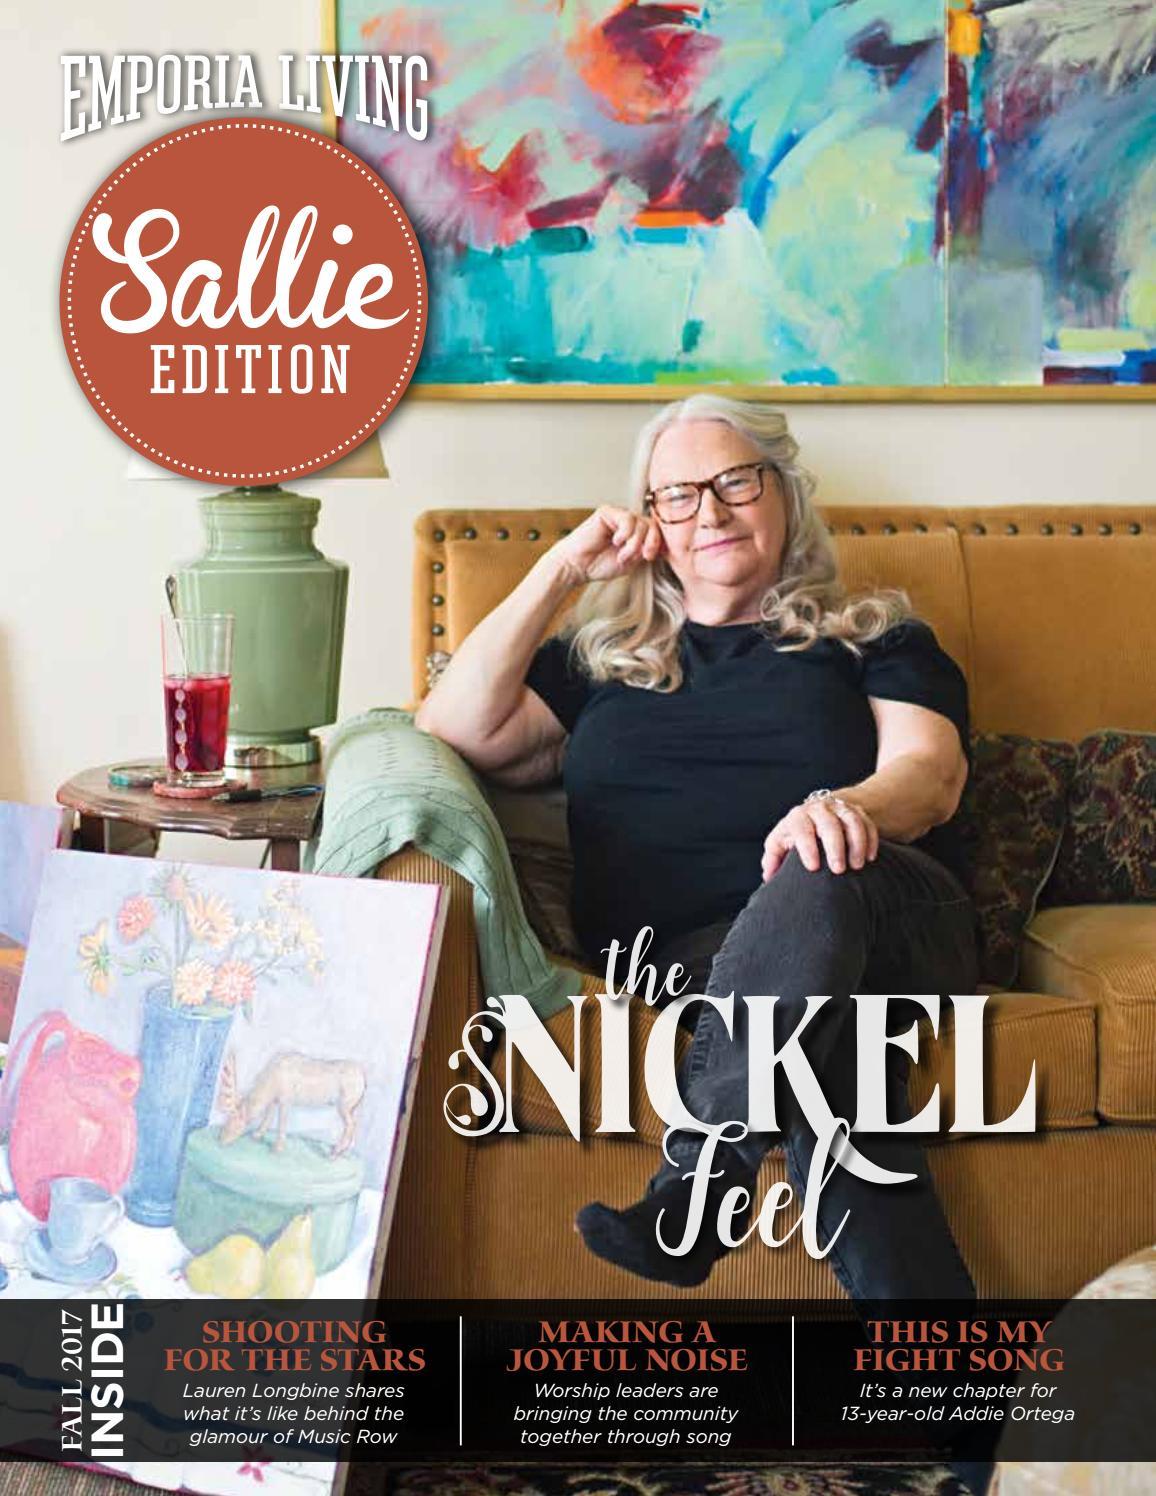 29737d42a Emporia Living Sallie Edition 2017 by The Emporia Gazette - issuu